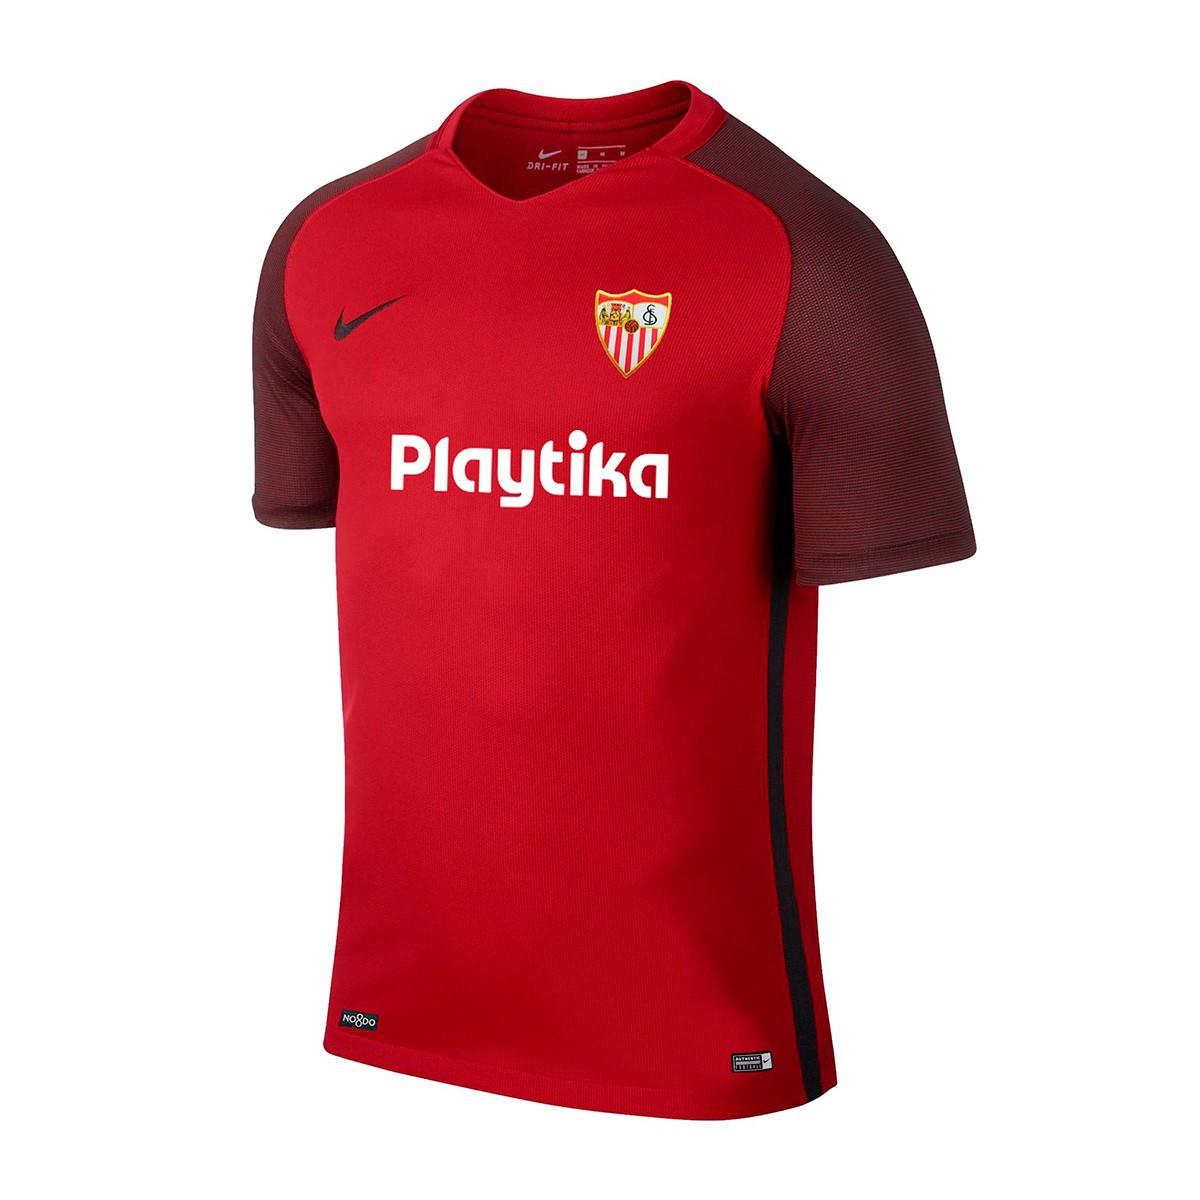 678e92e69 Camiseta Nike Sevilla FC Segunda Equipación 2018-2019 Niño Red - Tienda de fútbol  Fútbol Emotion